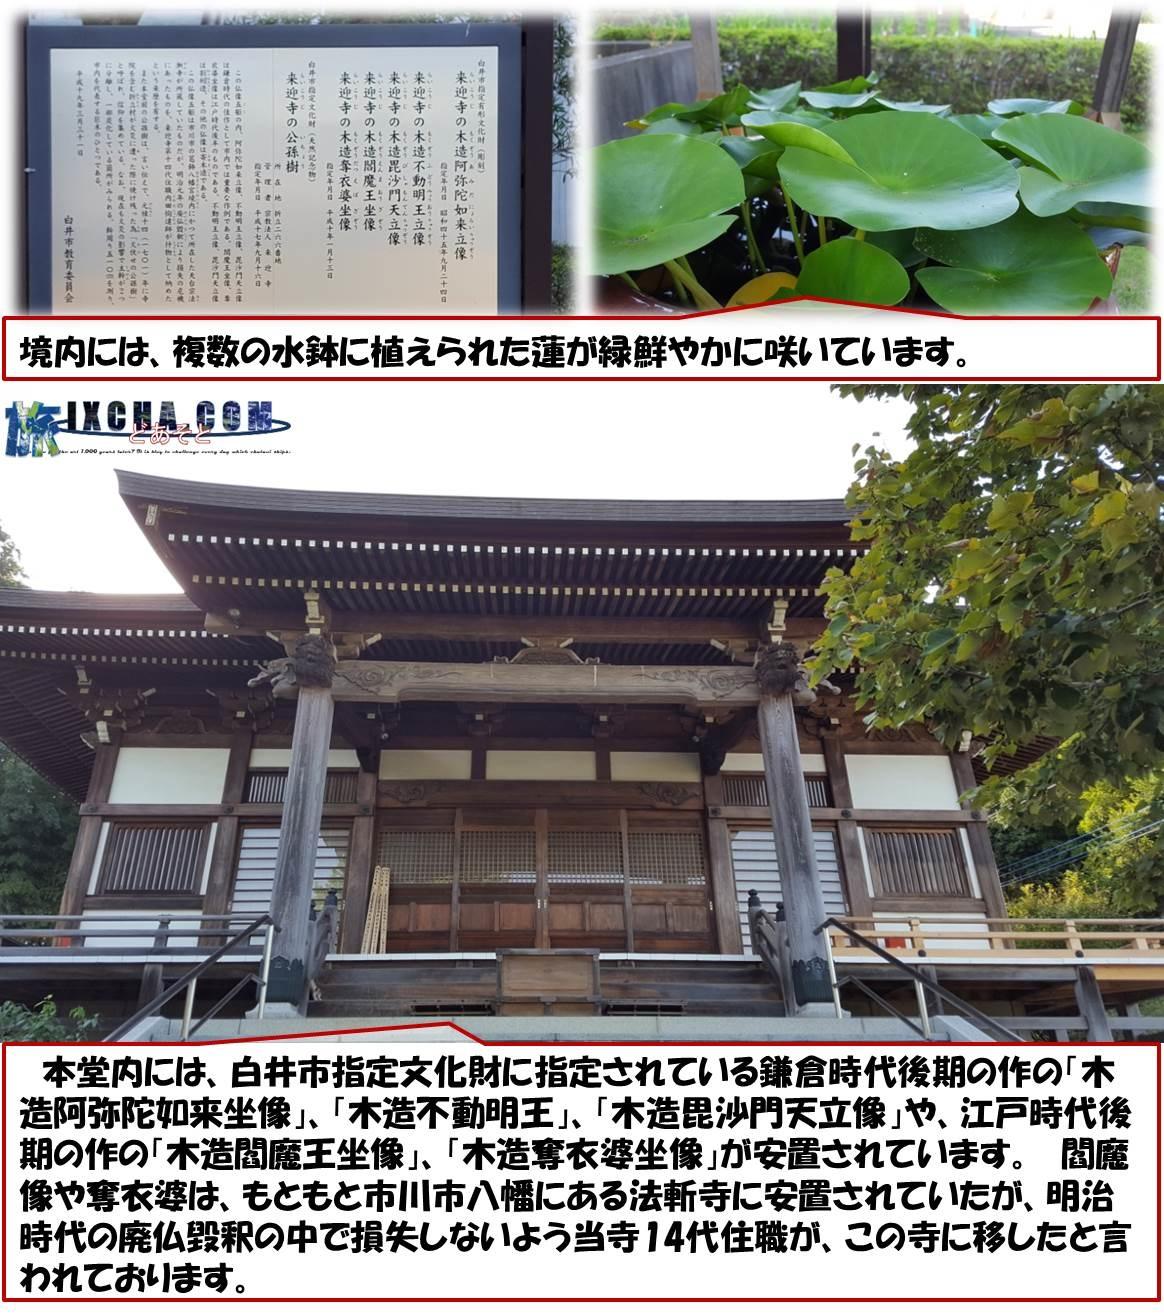 境内には、複数の水鉢に植えられた蓮が緑鮮やかに咲いています。 本堂内には、白井市指定文化財に指定されている鎌倉時代後期の作の「木造阿弥陀如来坐像」、「木造不動明王」、「木造毘沙門天立像」や、江戸時代後期の作の「木造閻魔王坐像」、「木造奪衣婆坐像」が安置されています。 閻魔像や奪衣婆は、もともと市川市八幡にある法斬寺に安置されていたが、明治時代の廃仏毀釈の中で損失しないよう当寺14代住職が、この寺に移したと言われております。